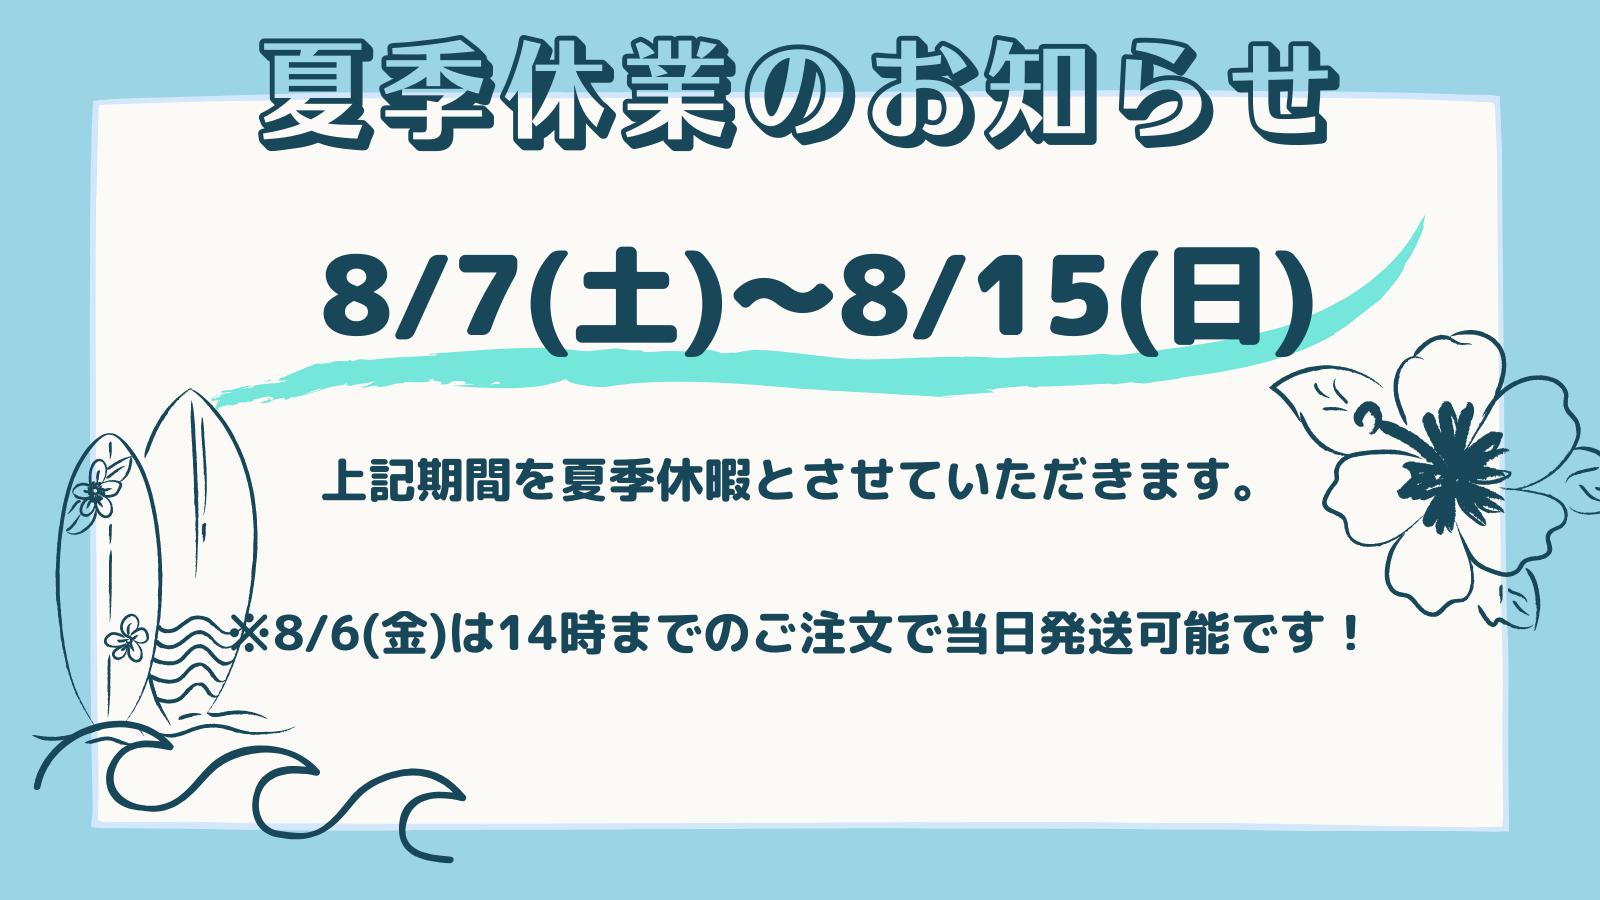 夏季休業 お知らせ